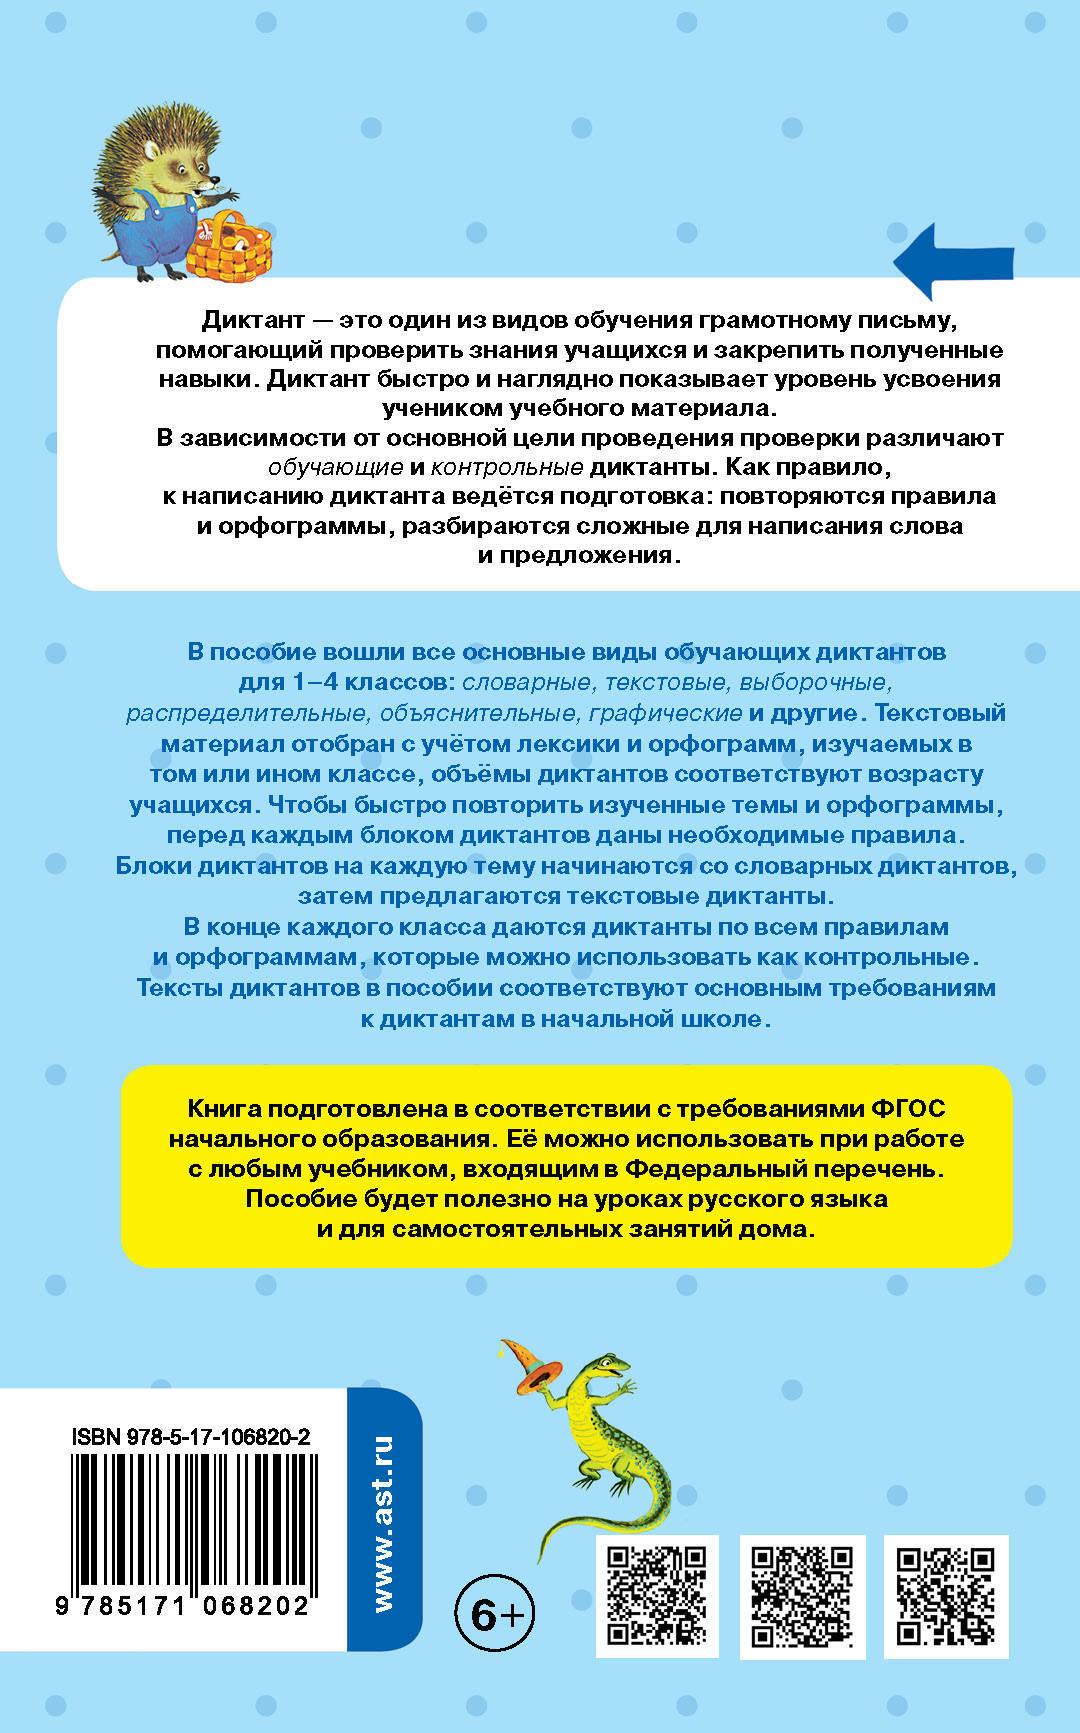 Перенос слов / орфография и орфограммы 1-4 классов / справочник по русскому языку для начальной школы